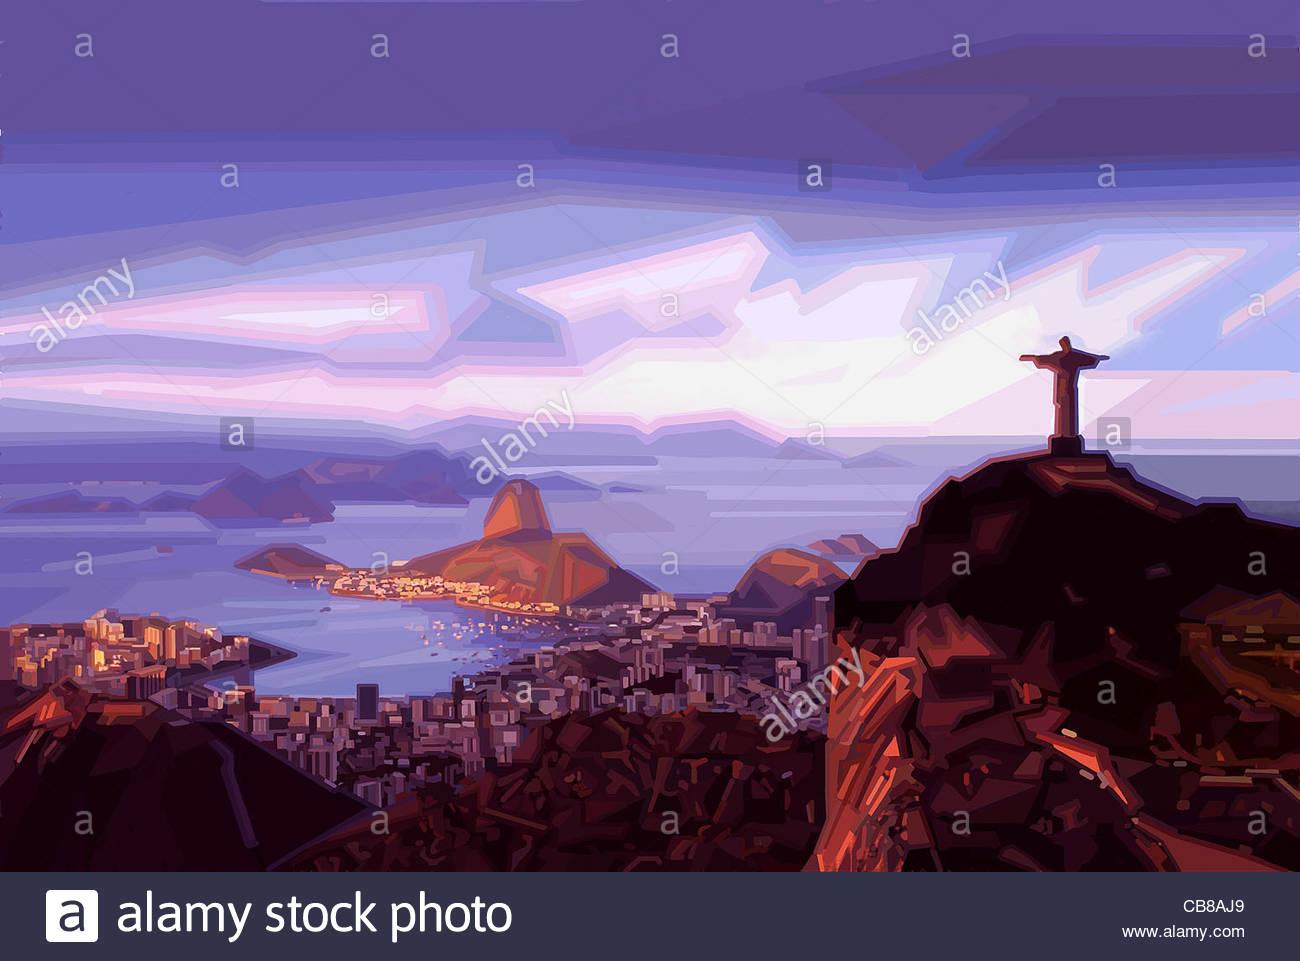 La ville de Rio de Janeiro série Carnival City Villes urbanité urbaine ville ville dans Photo Stock